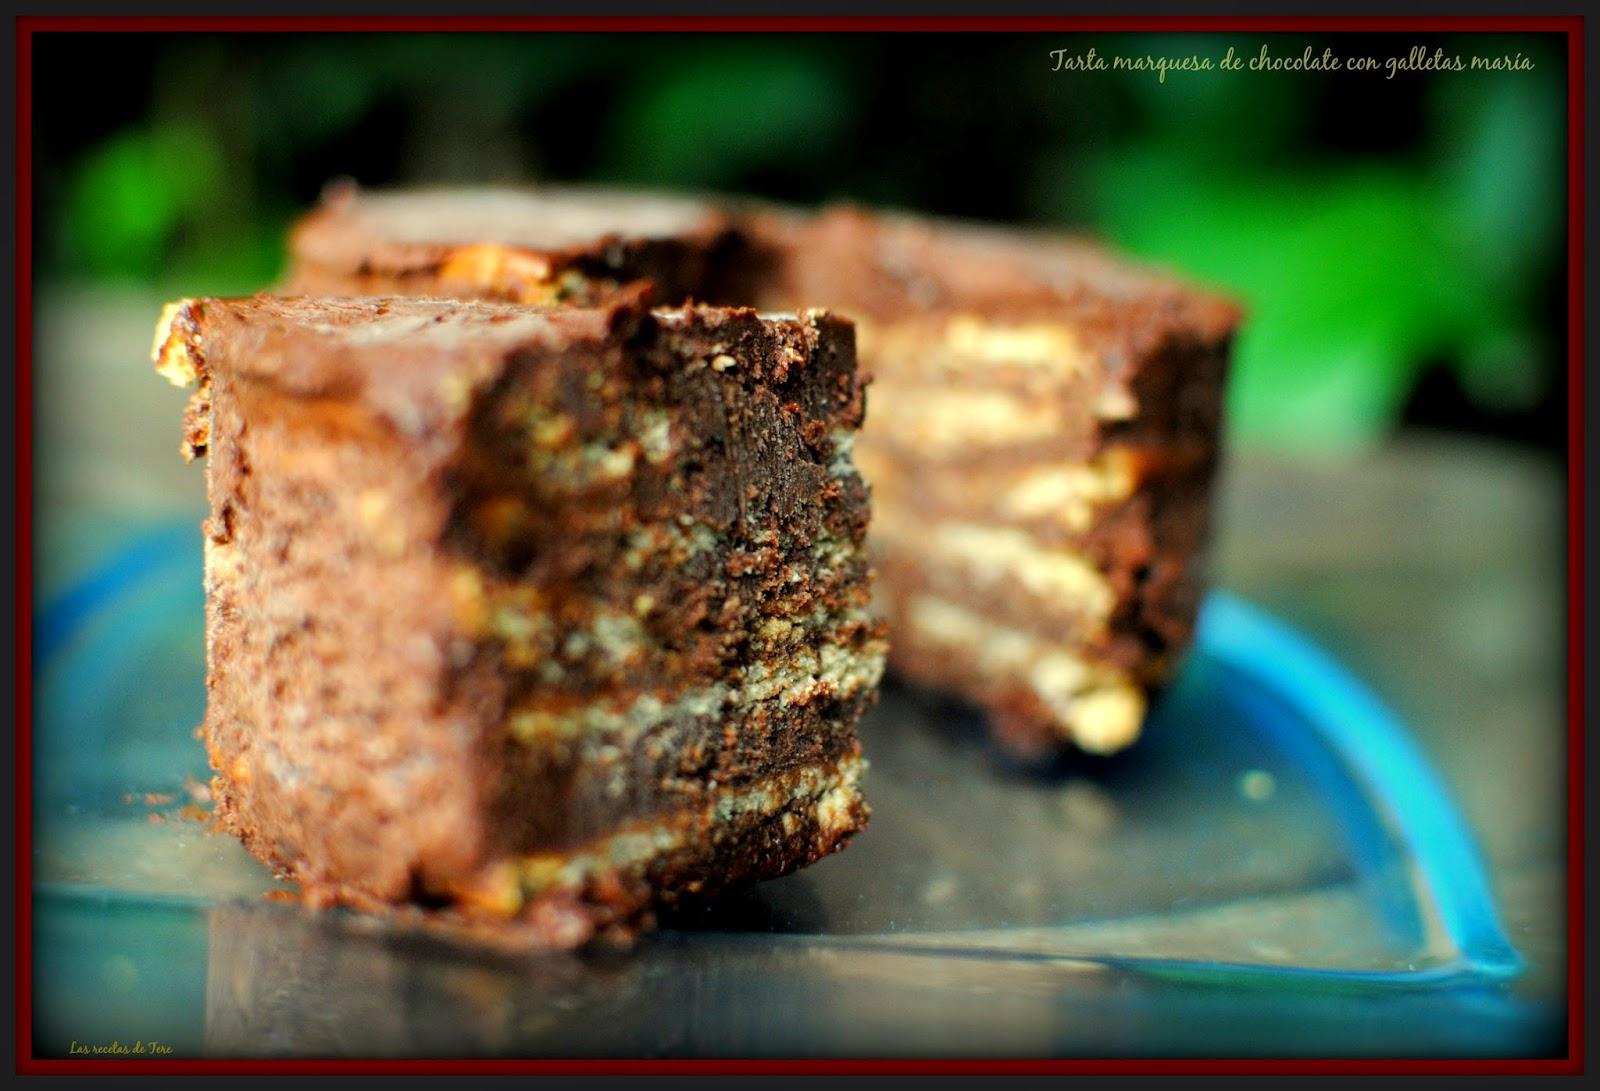 tarta marquesa de chocolate con galletas maría tererecetas 03